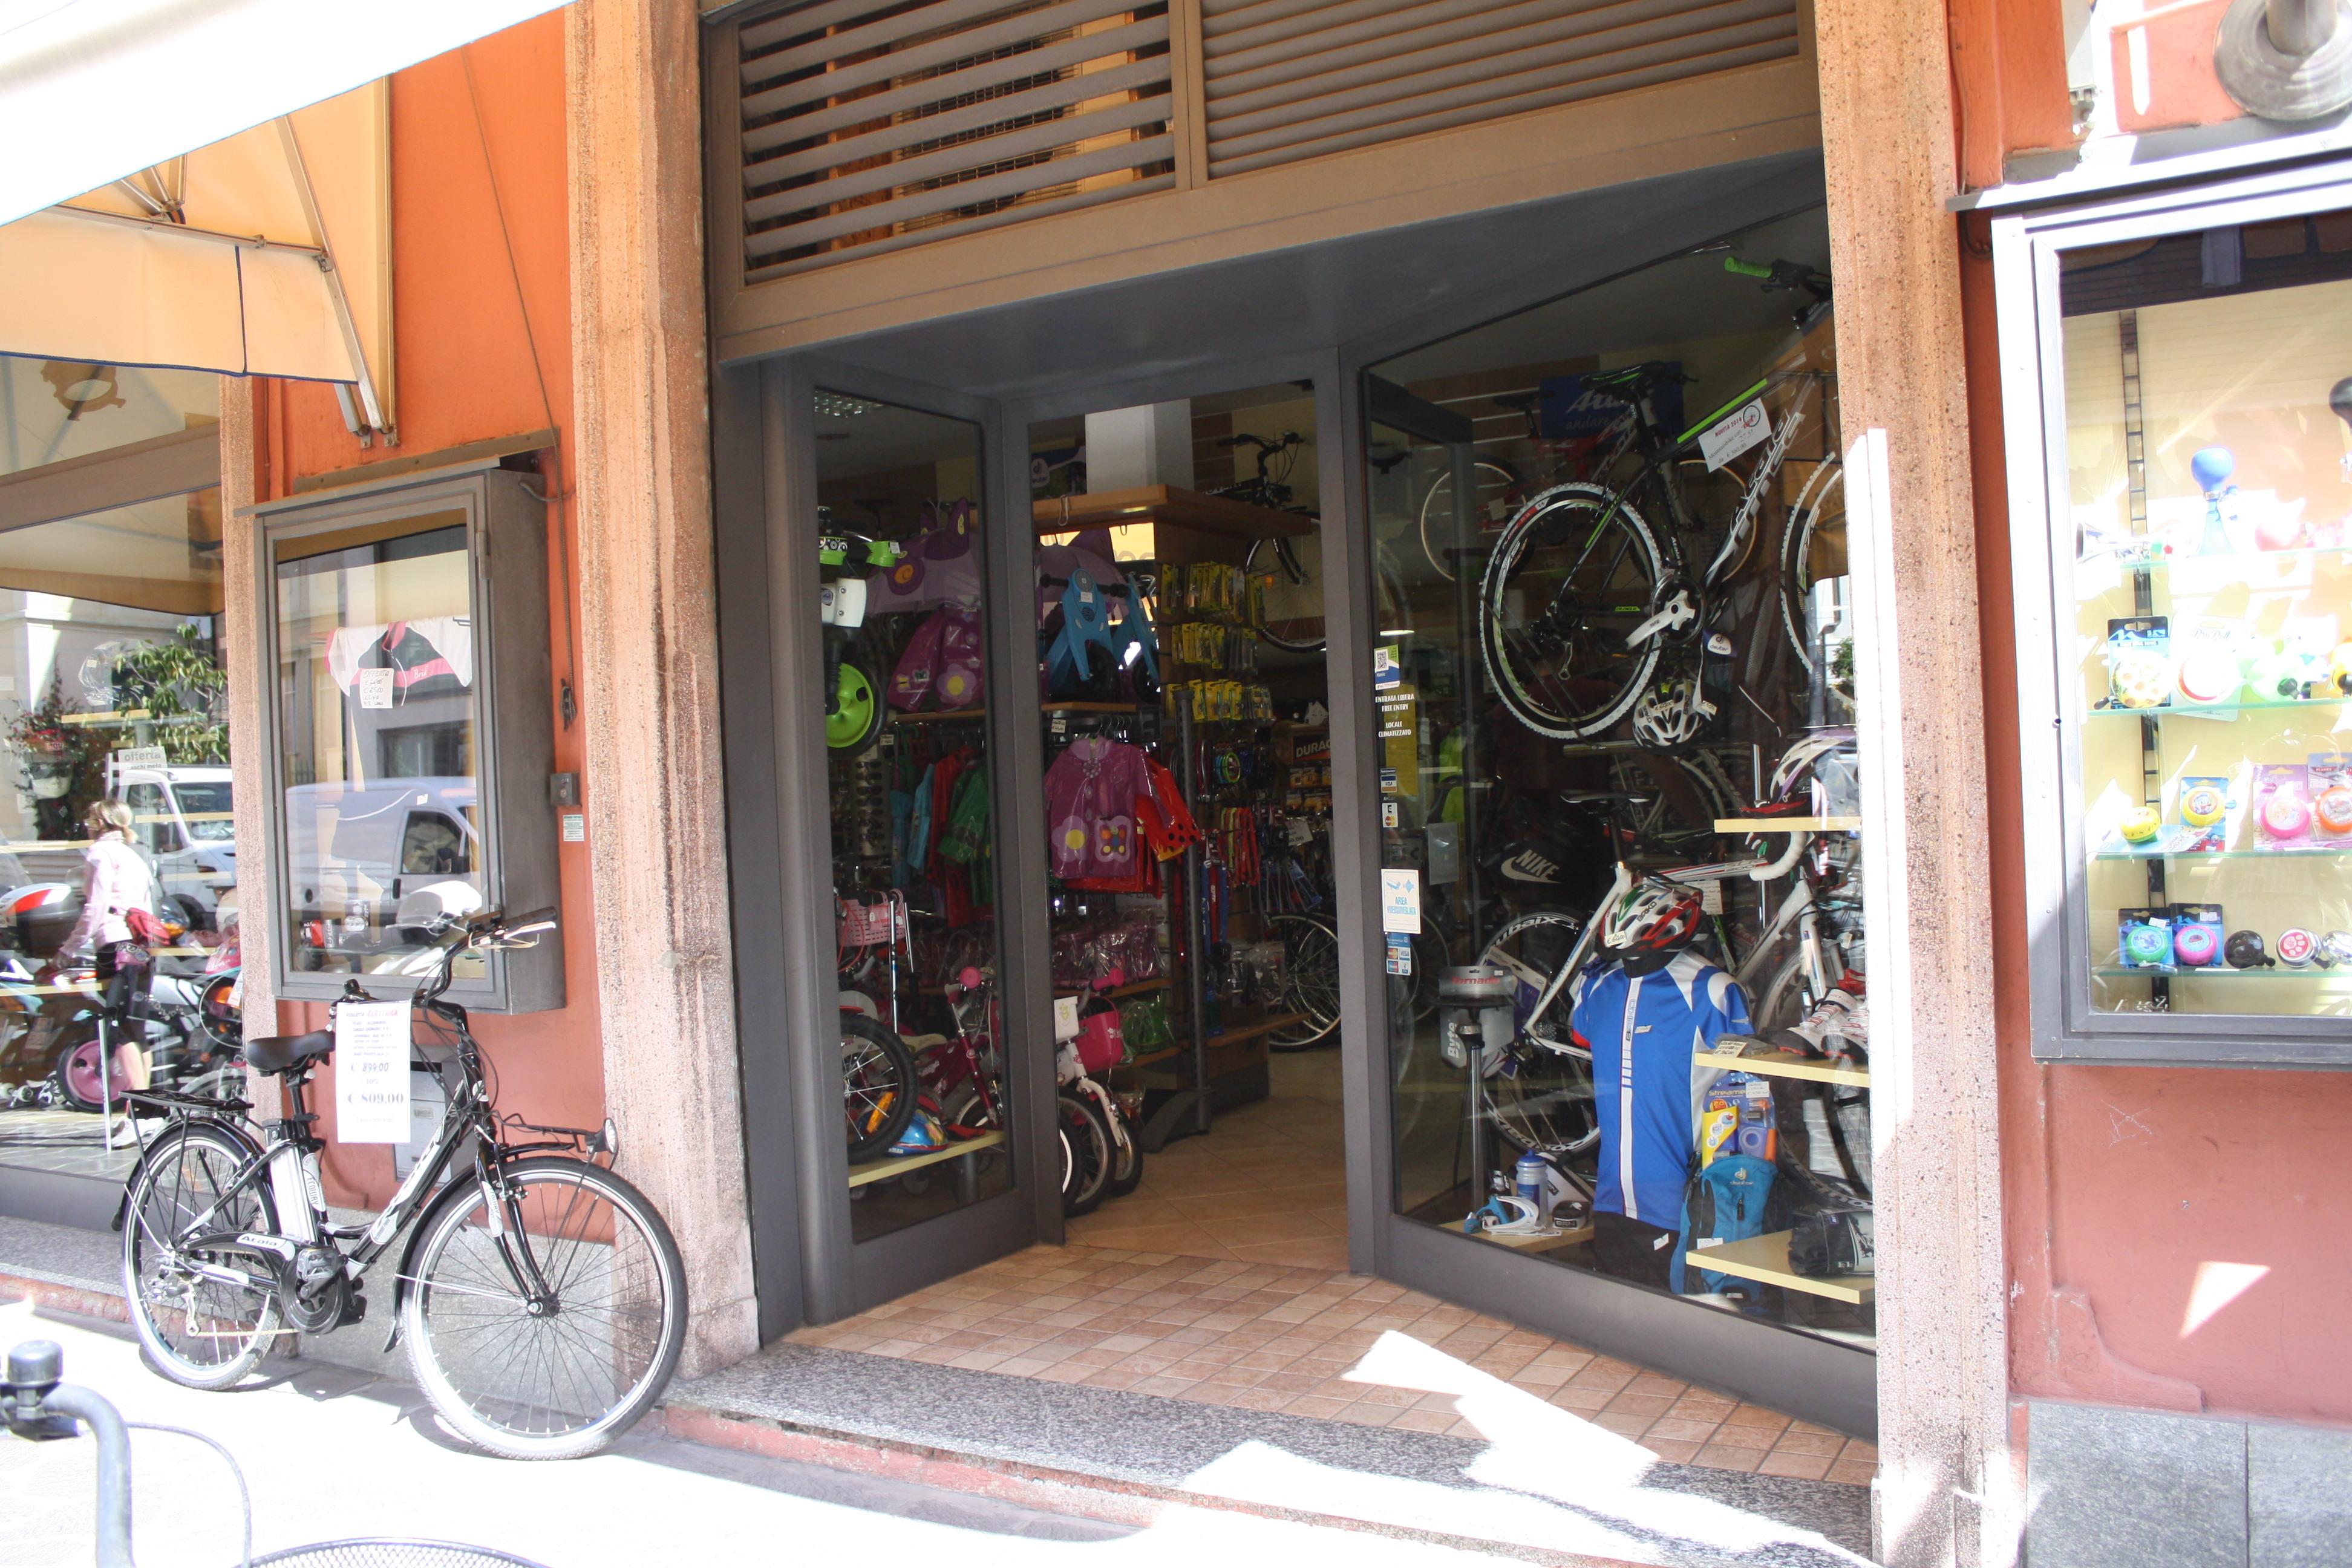 Noleggio vendita e assistenza cicli